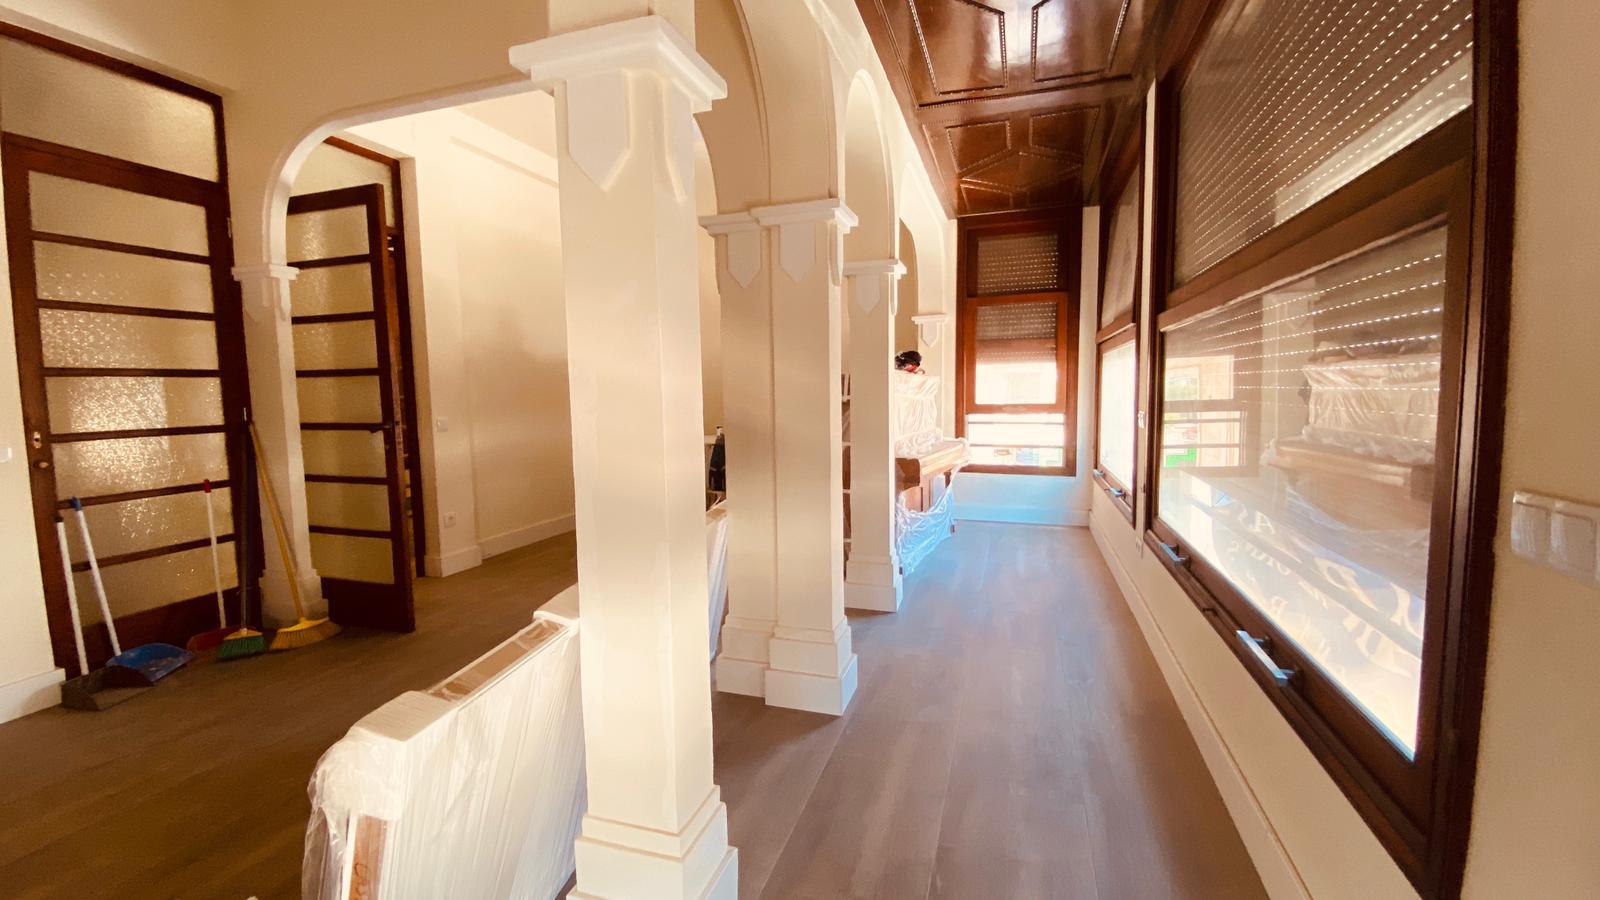 Alquiler Casa  Vila-real, avenida la mura. Inmobiliaria marengo , un duplex privado en el centro de vila-re